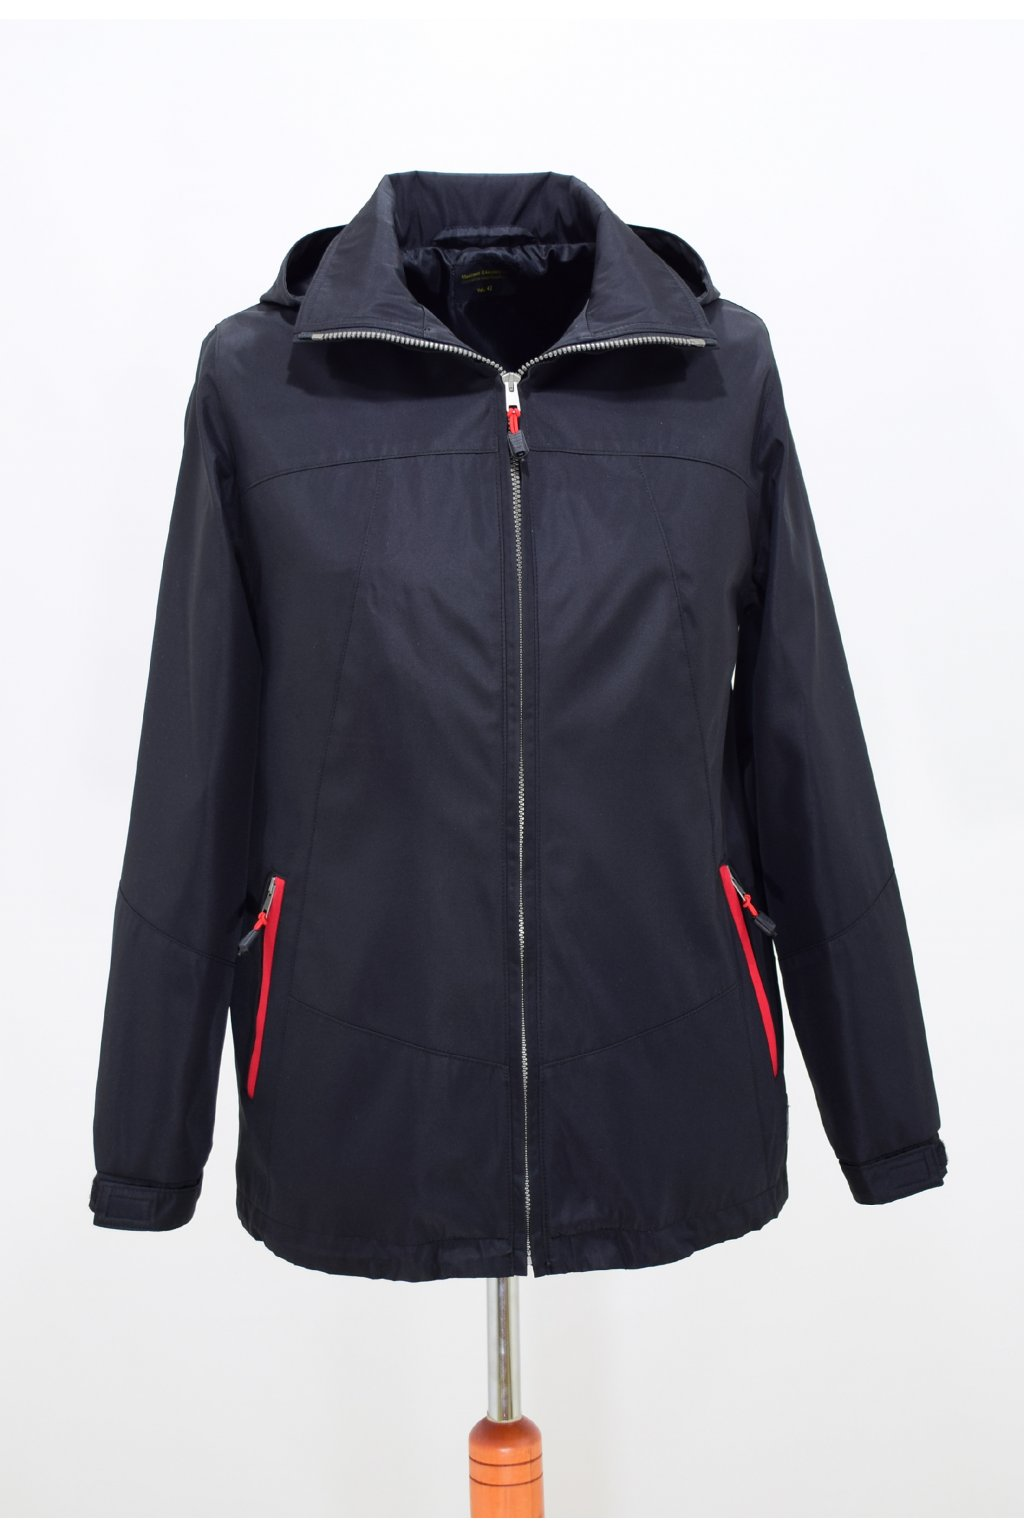 Dámská jarní černá bunda Angela nadměrné velikosti.